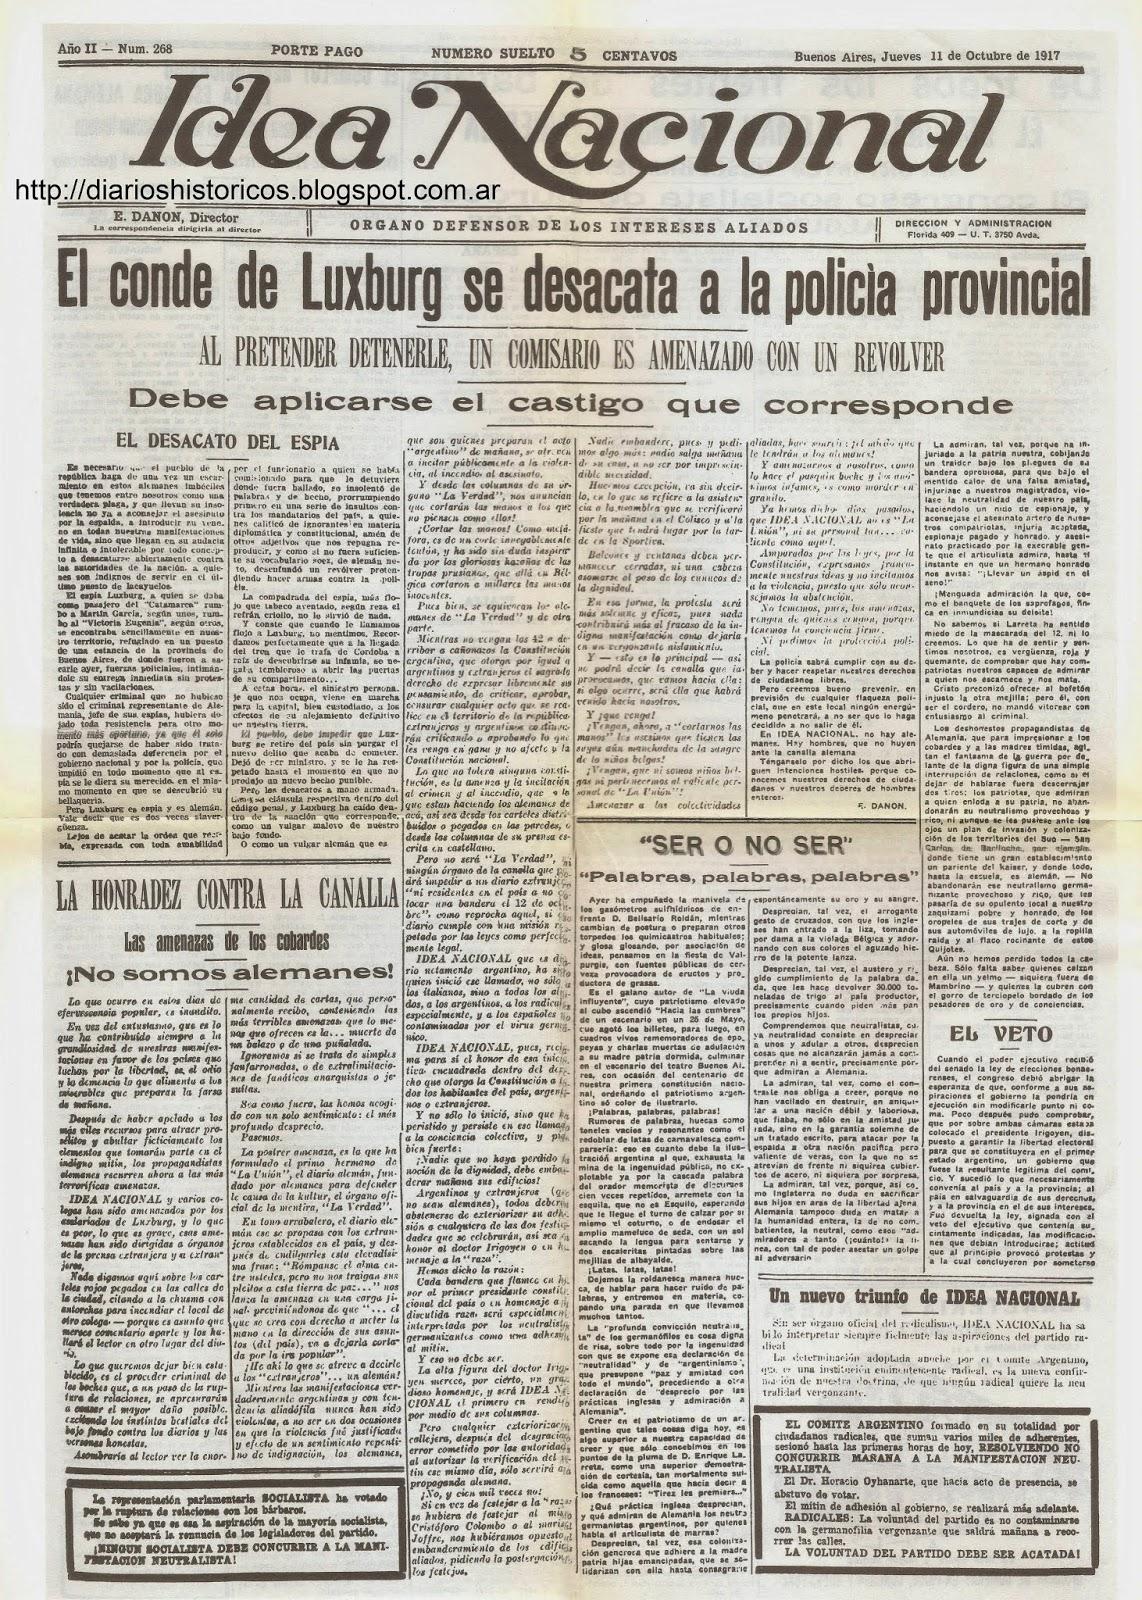 Diarios hist ricos primera guerra mundial 1914 1918 Noticias mas recientes del medio del espectaculo